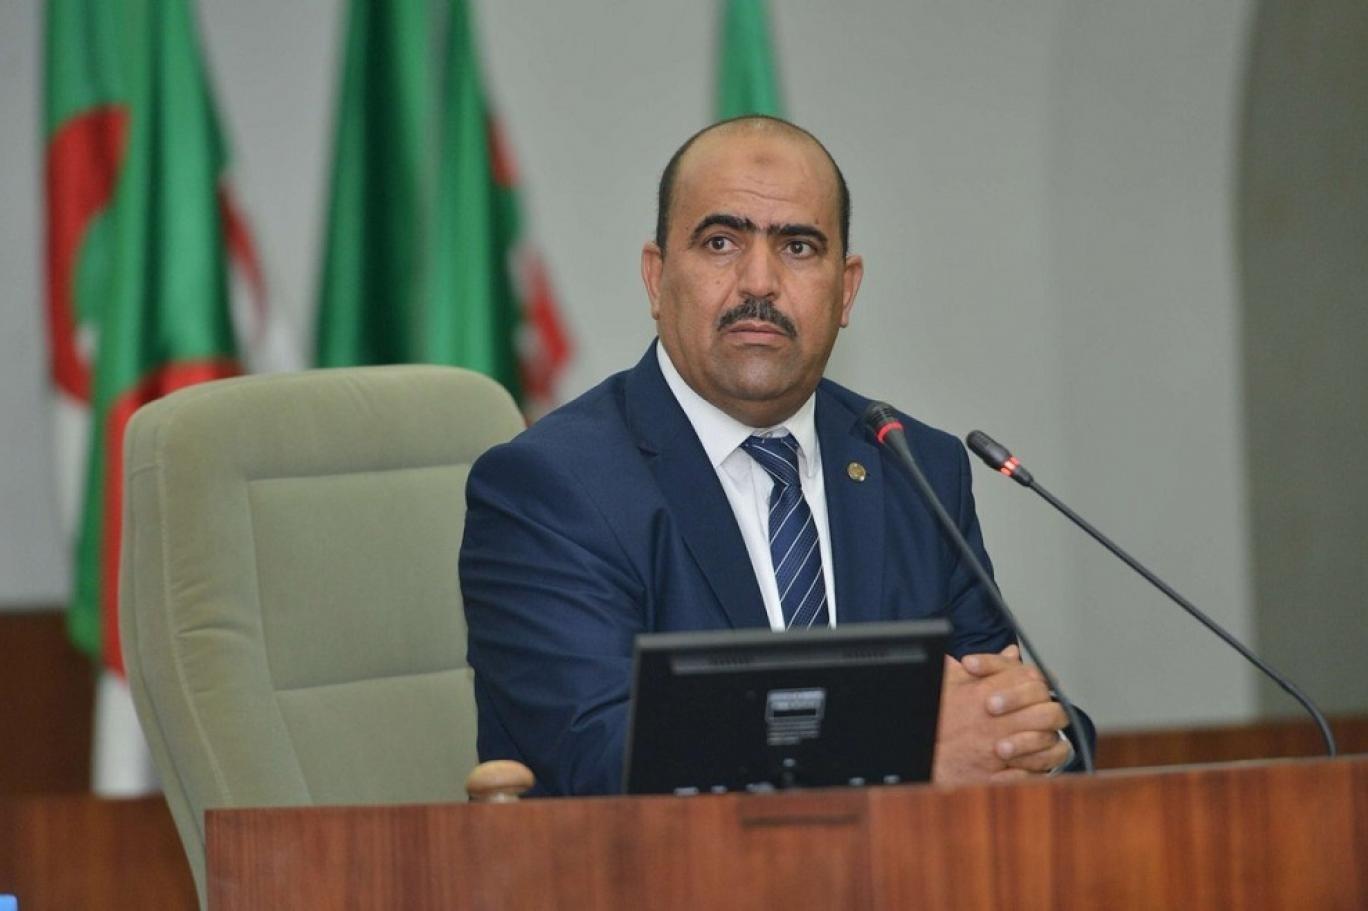 الجزائر: البرلمان الأوروبي يقوم بحرب بالوكالة عن لوبيات تريد ابتزاز بلادنا